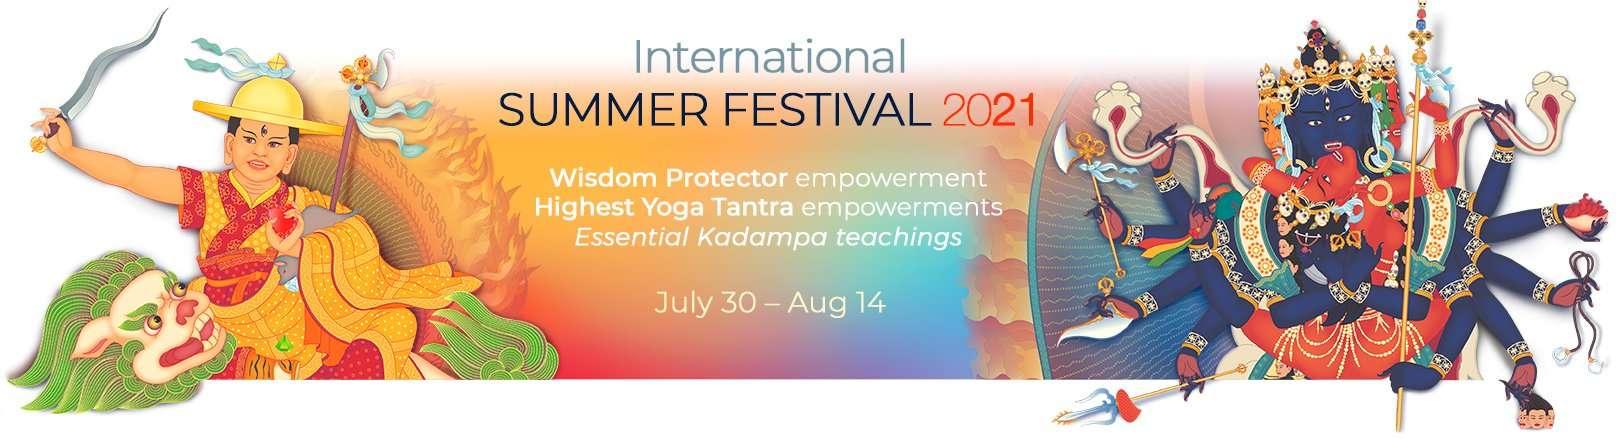 International Summer Festival